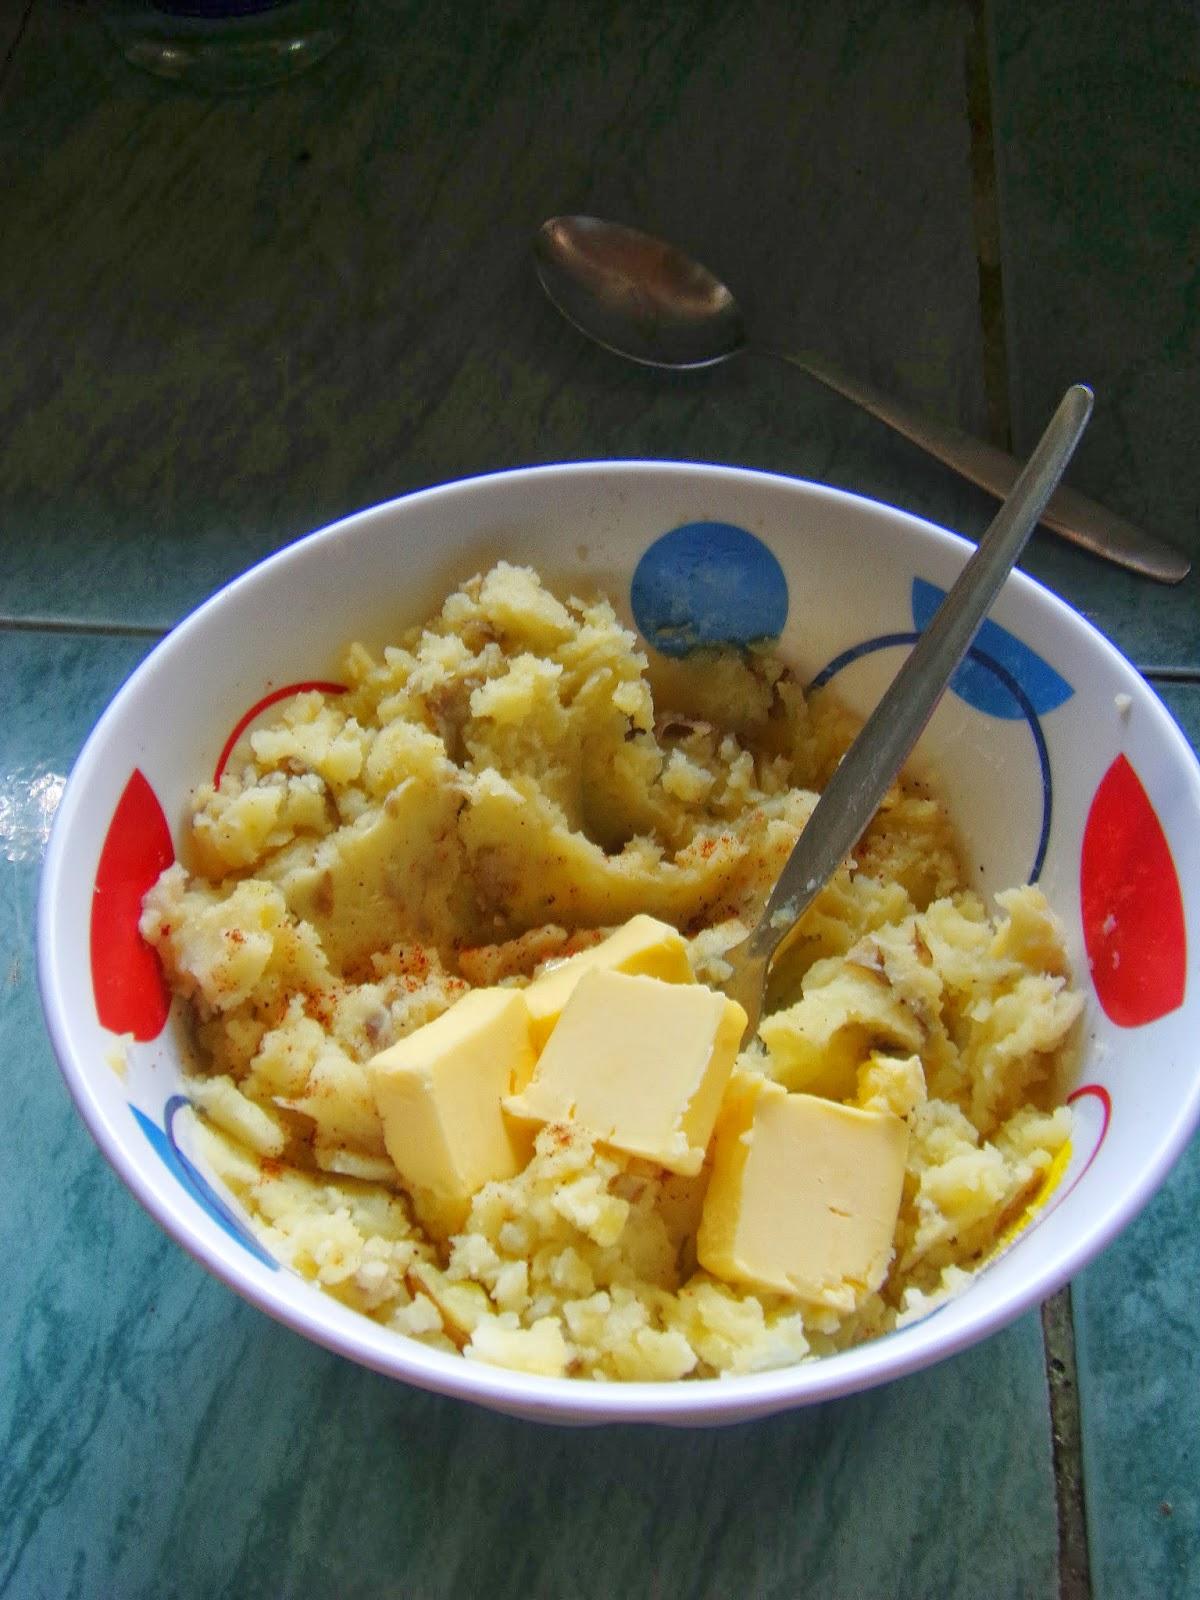 healthy fish recipes, fish fillet recipes